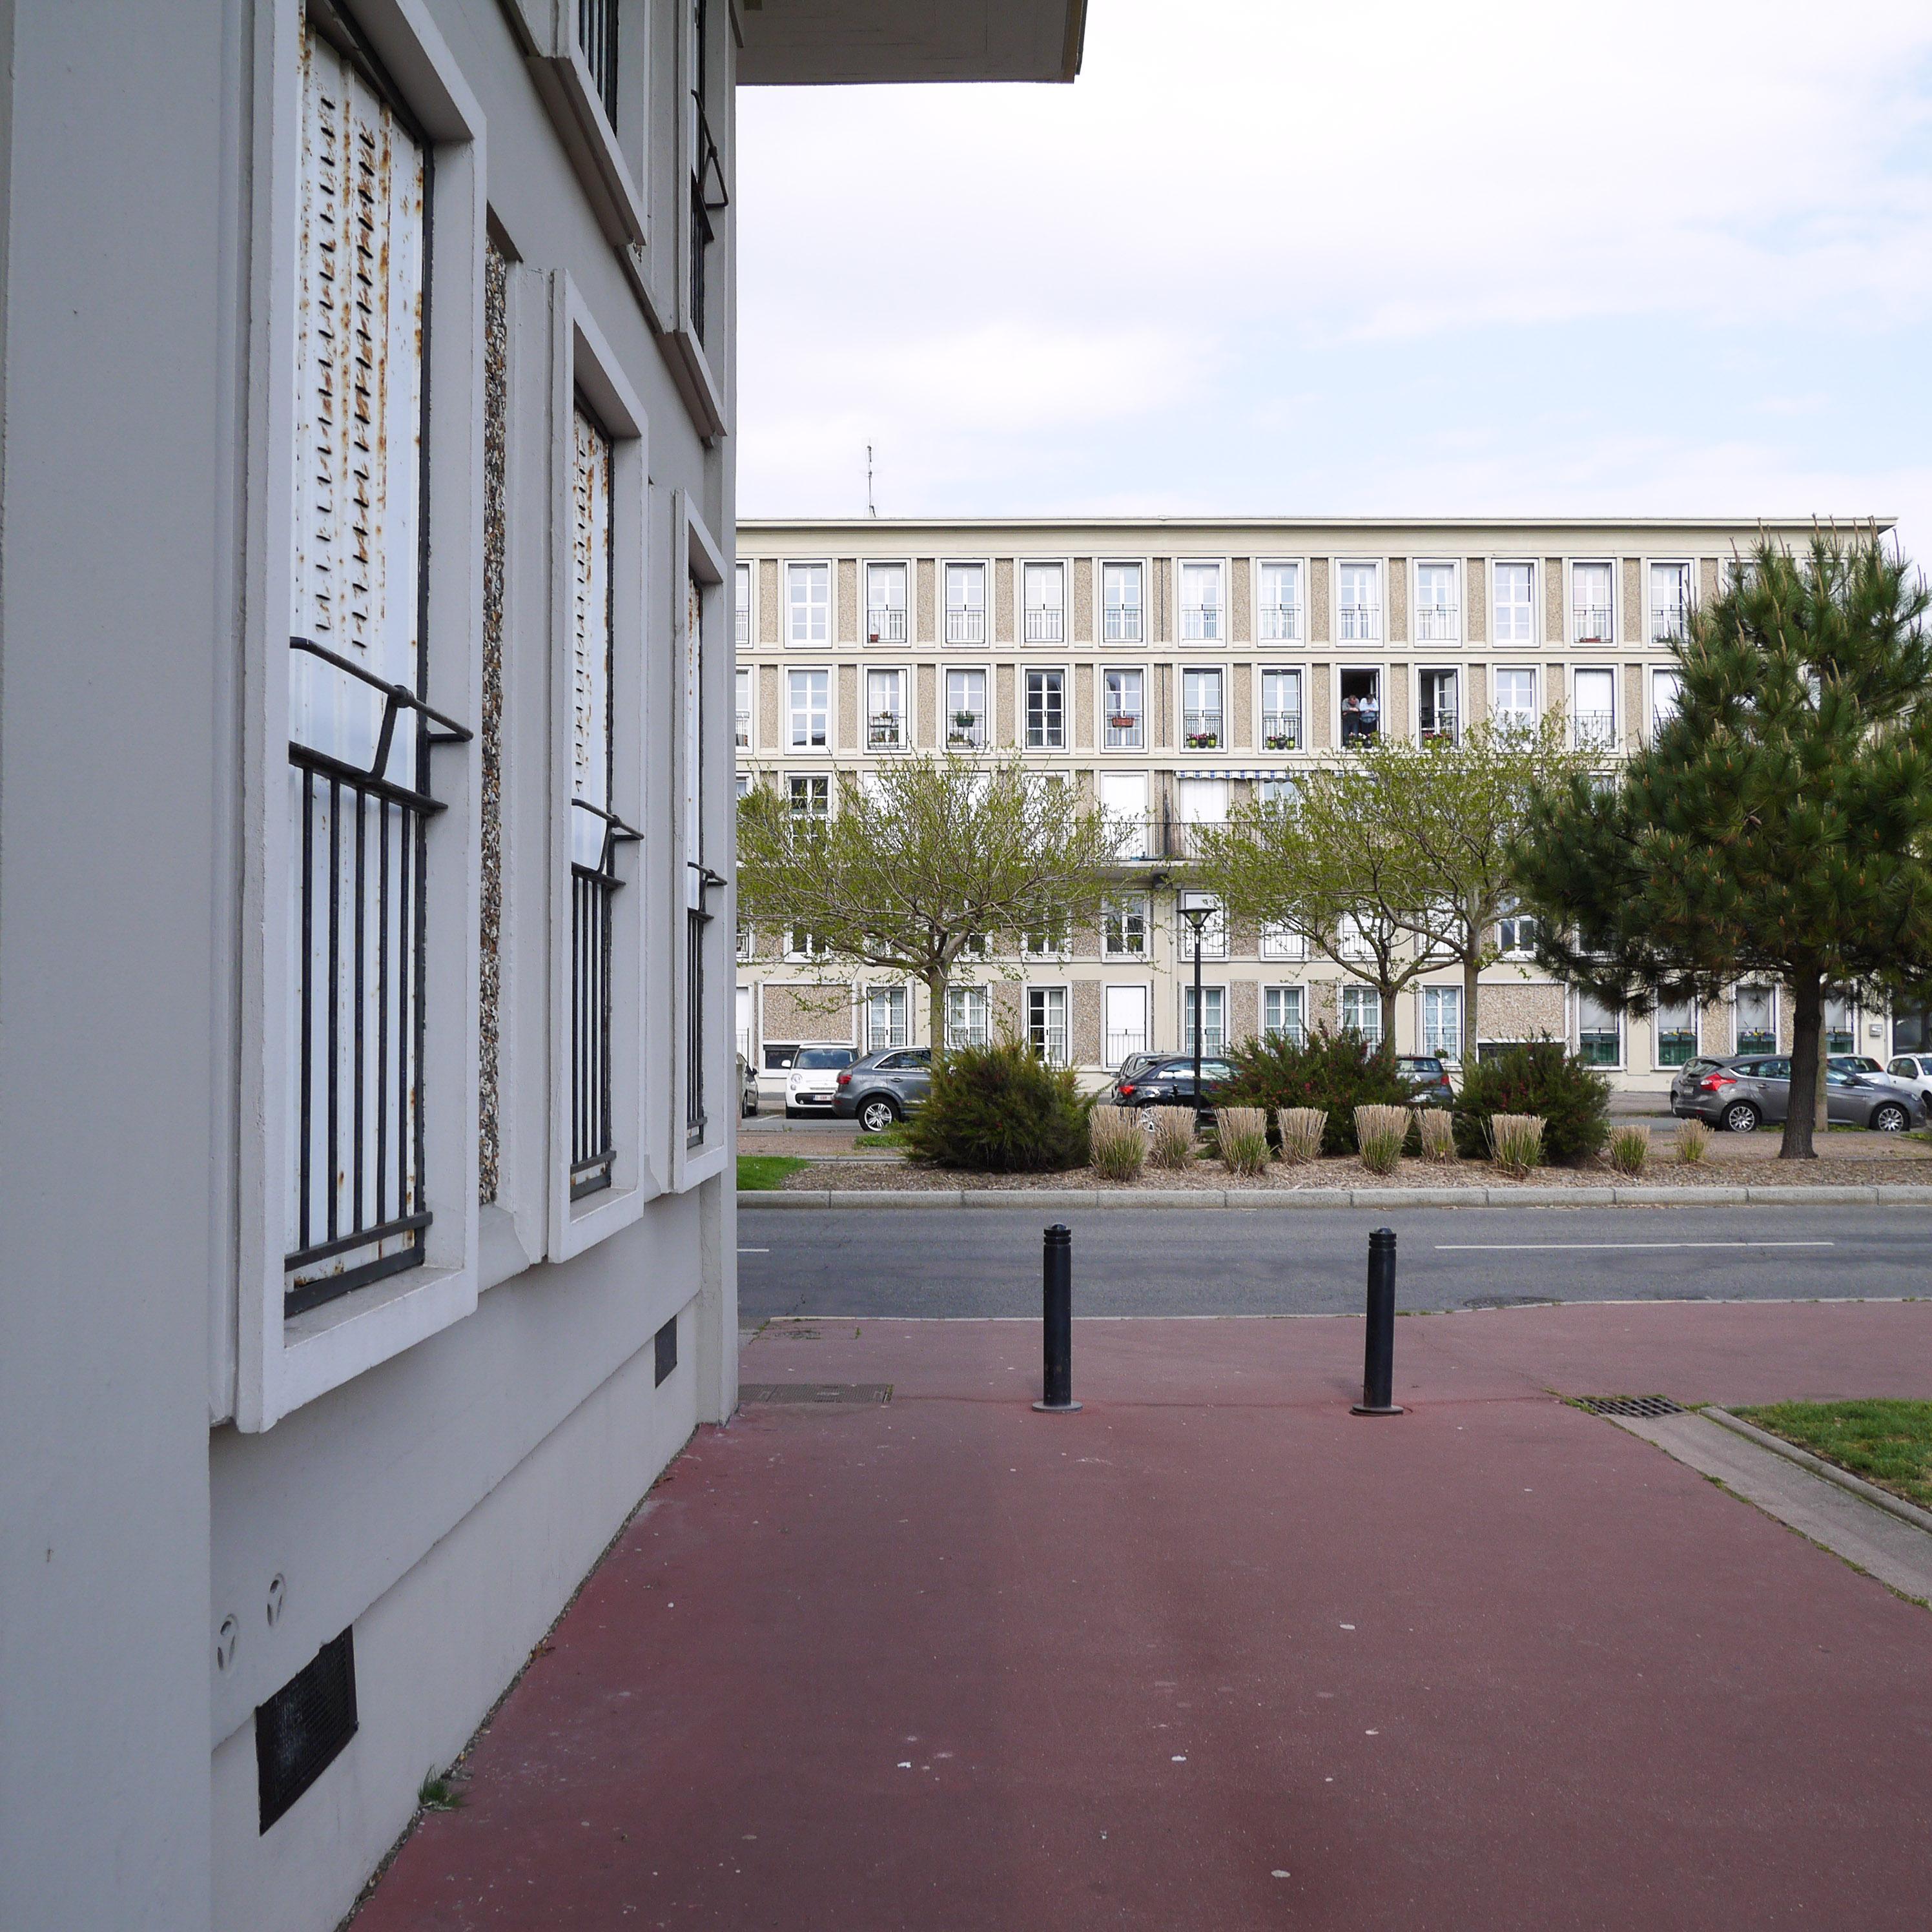 Le_Havre (56 sur 83)